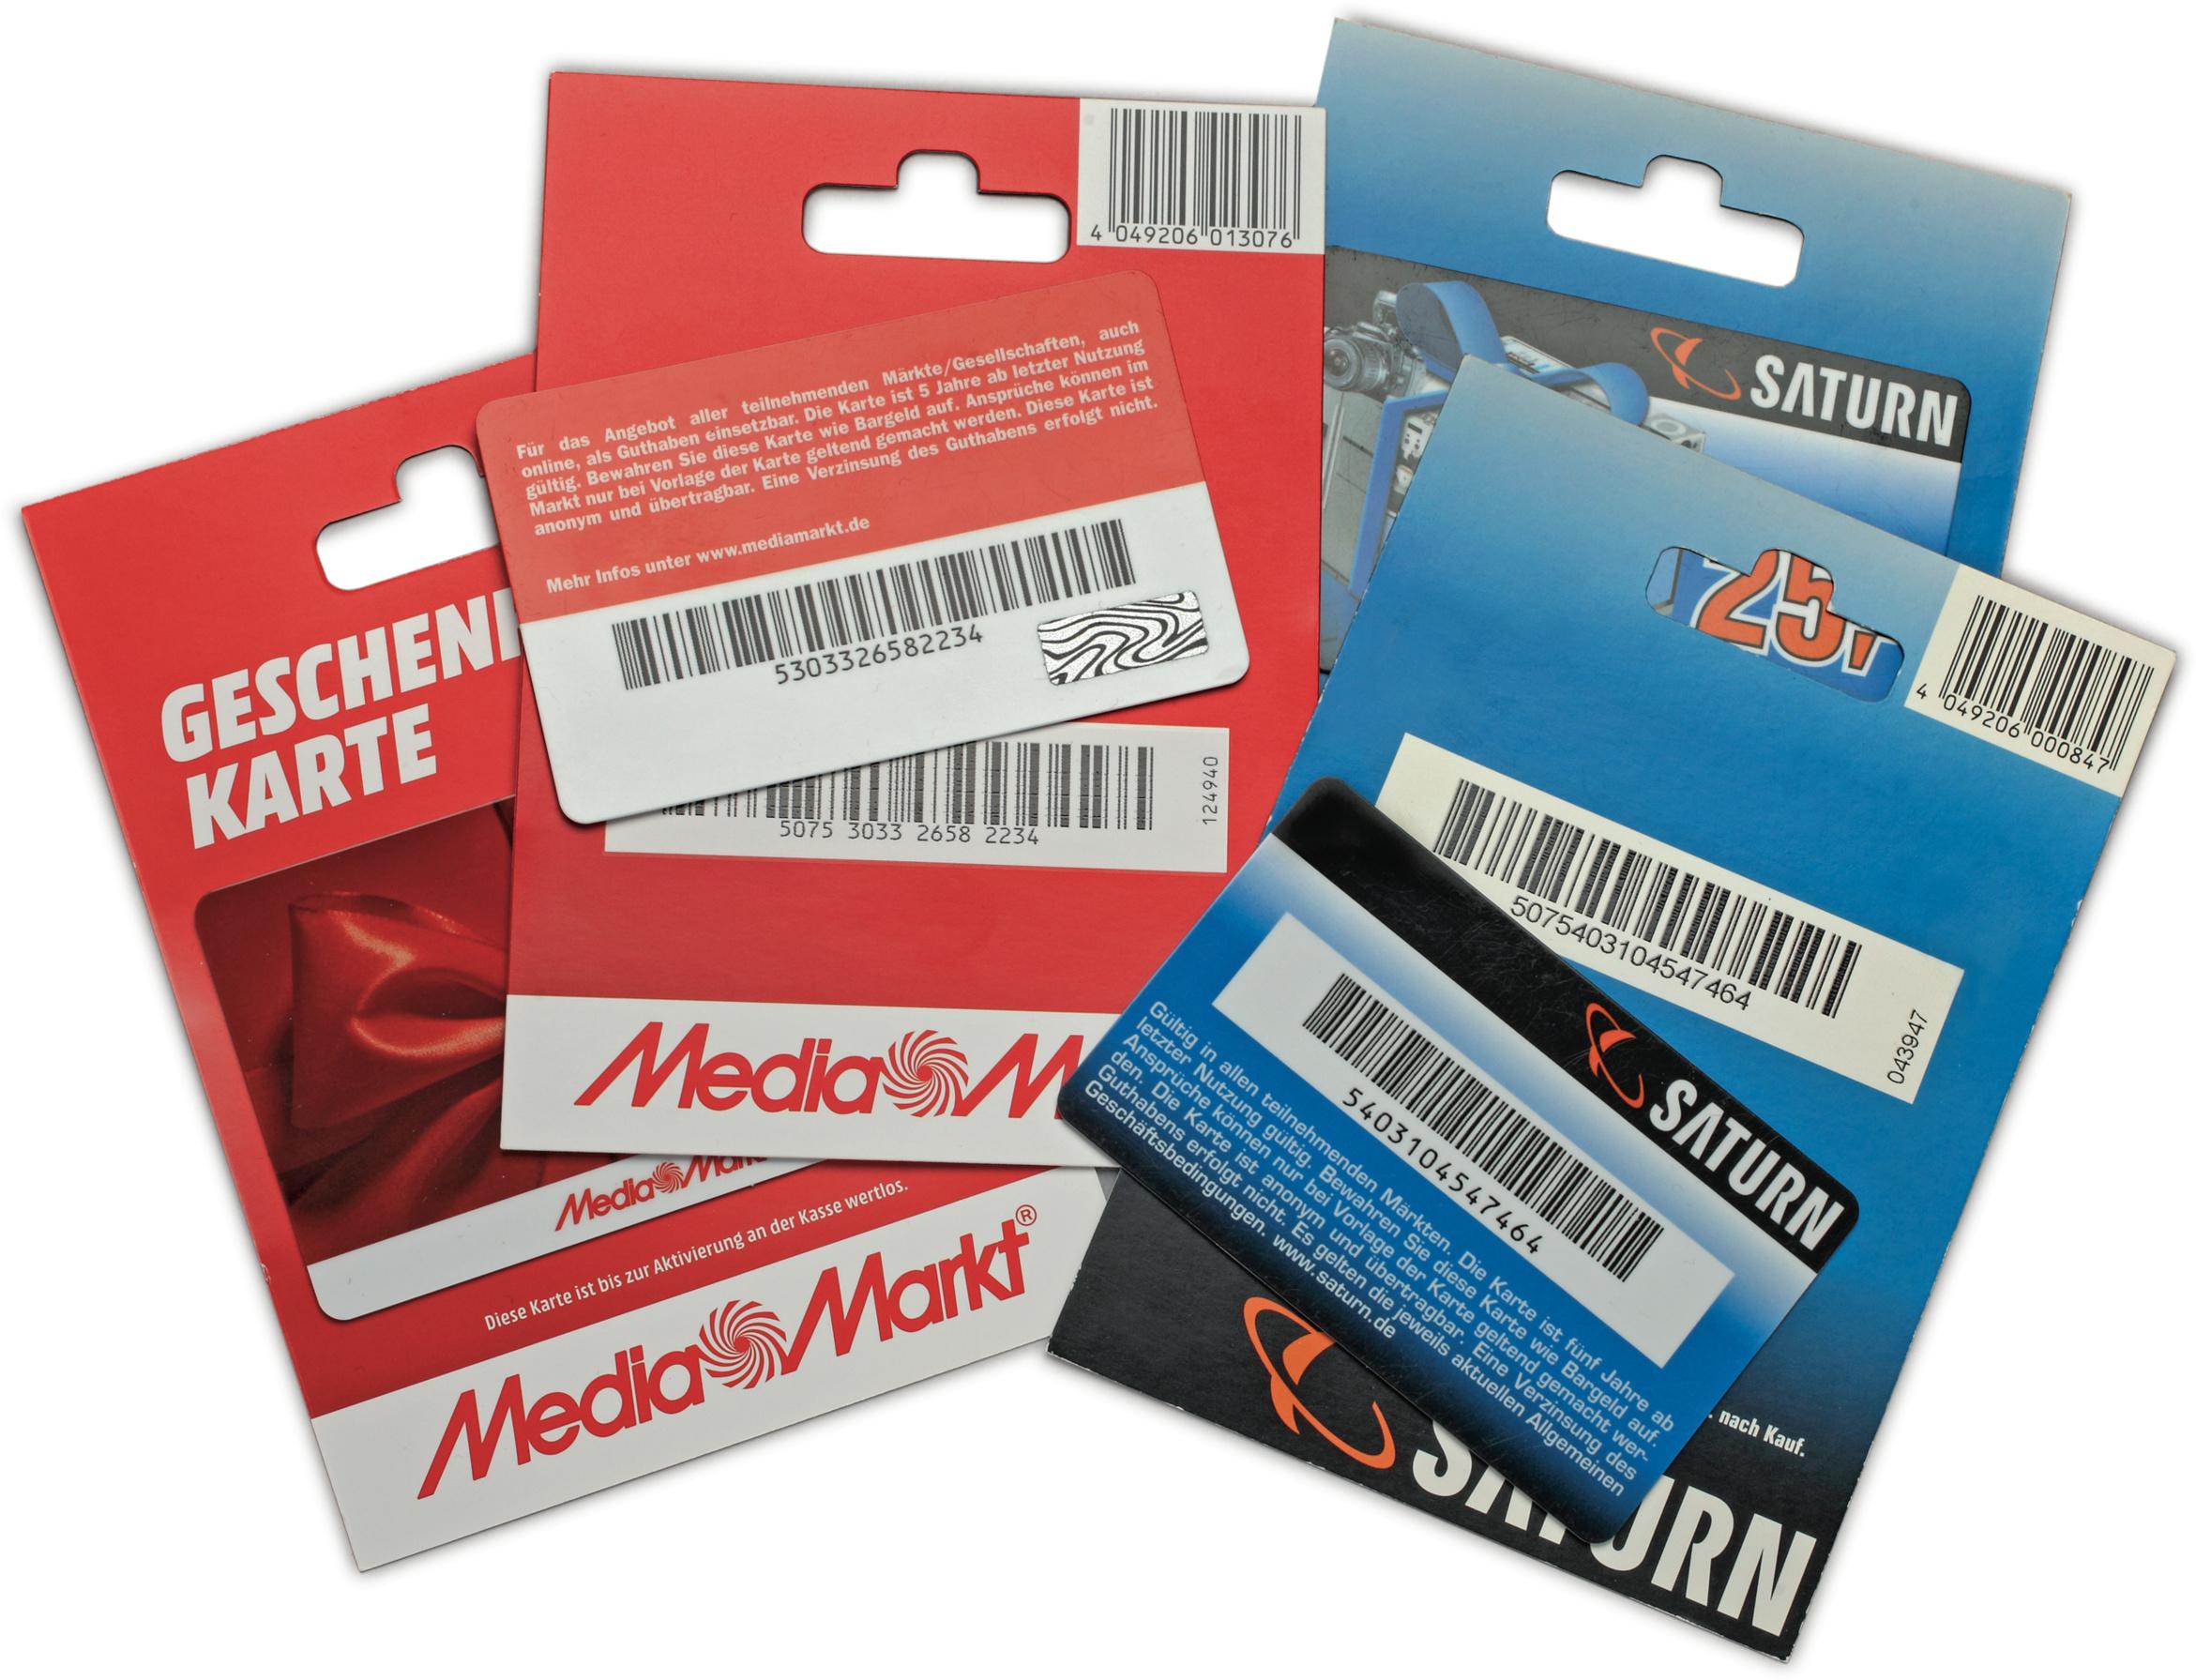 [Zeek] Media Markt & Saturn Geschenkkarten 16% günstiger für Neukunden